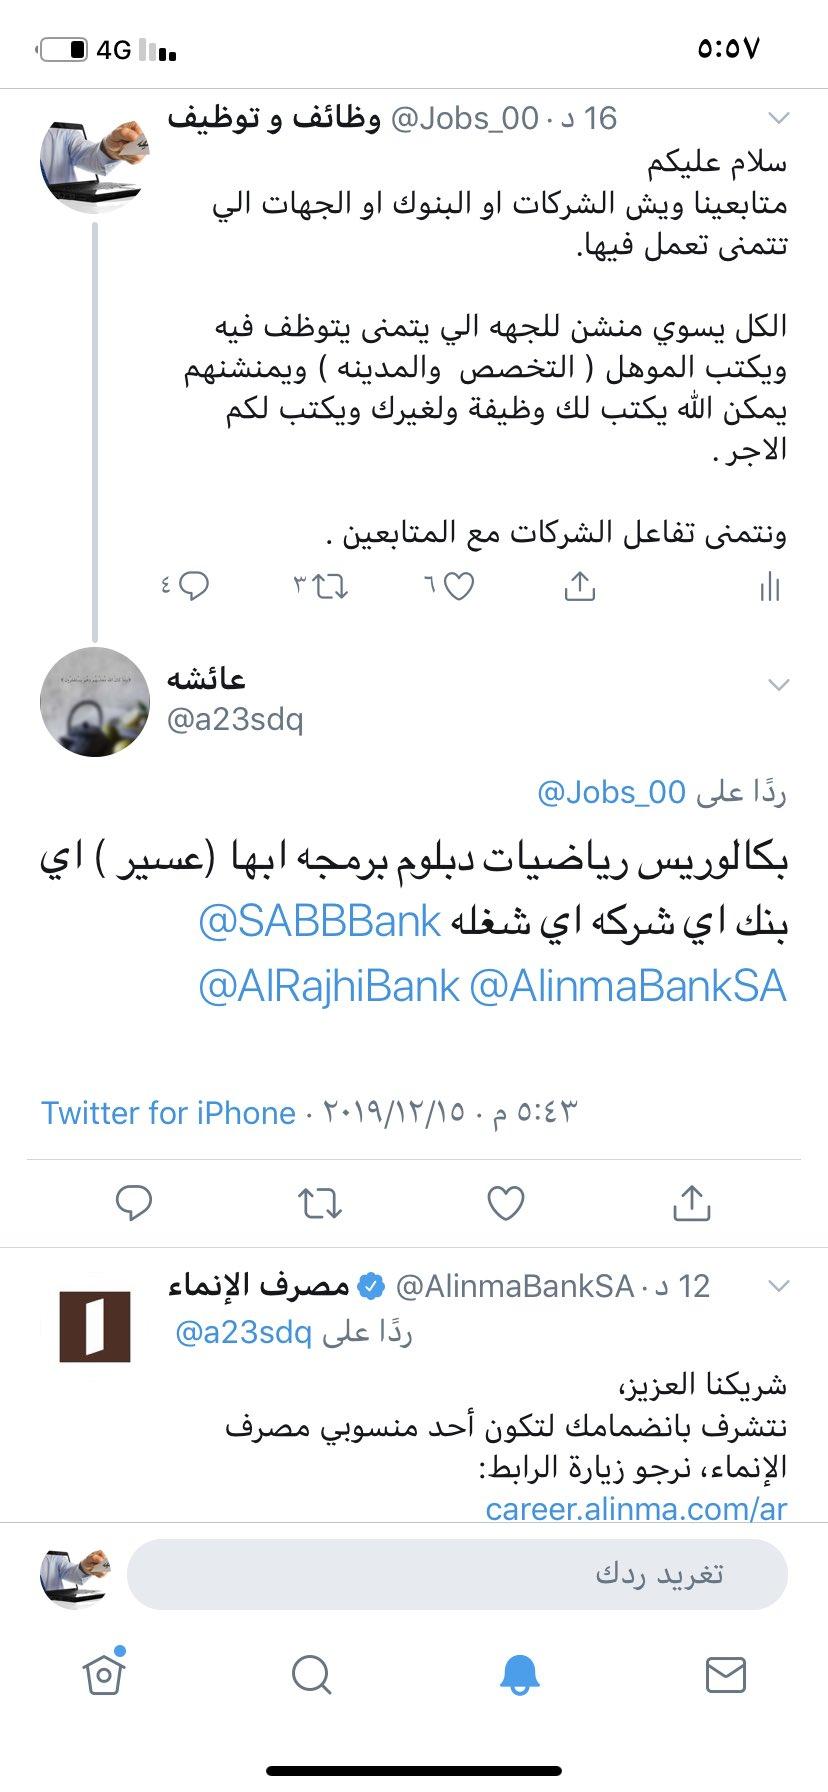 وظائف و توظيف On Twitter اول تفاعل من بنك الانماء شكرا مصرف الانماء